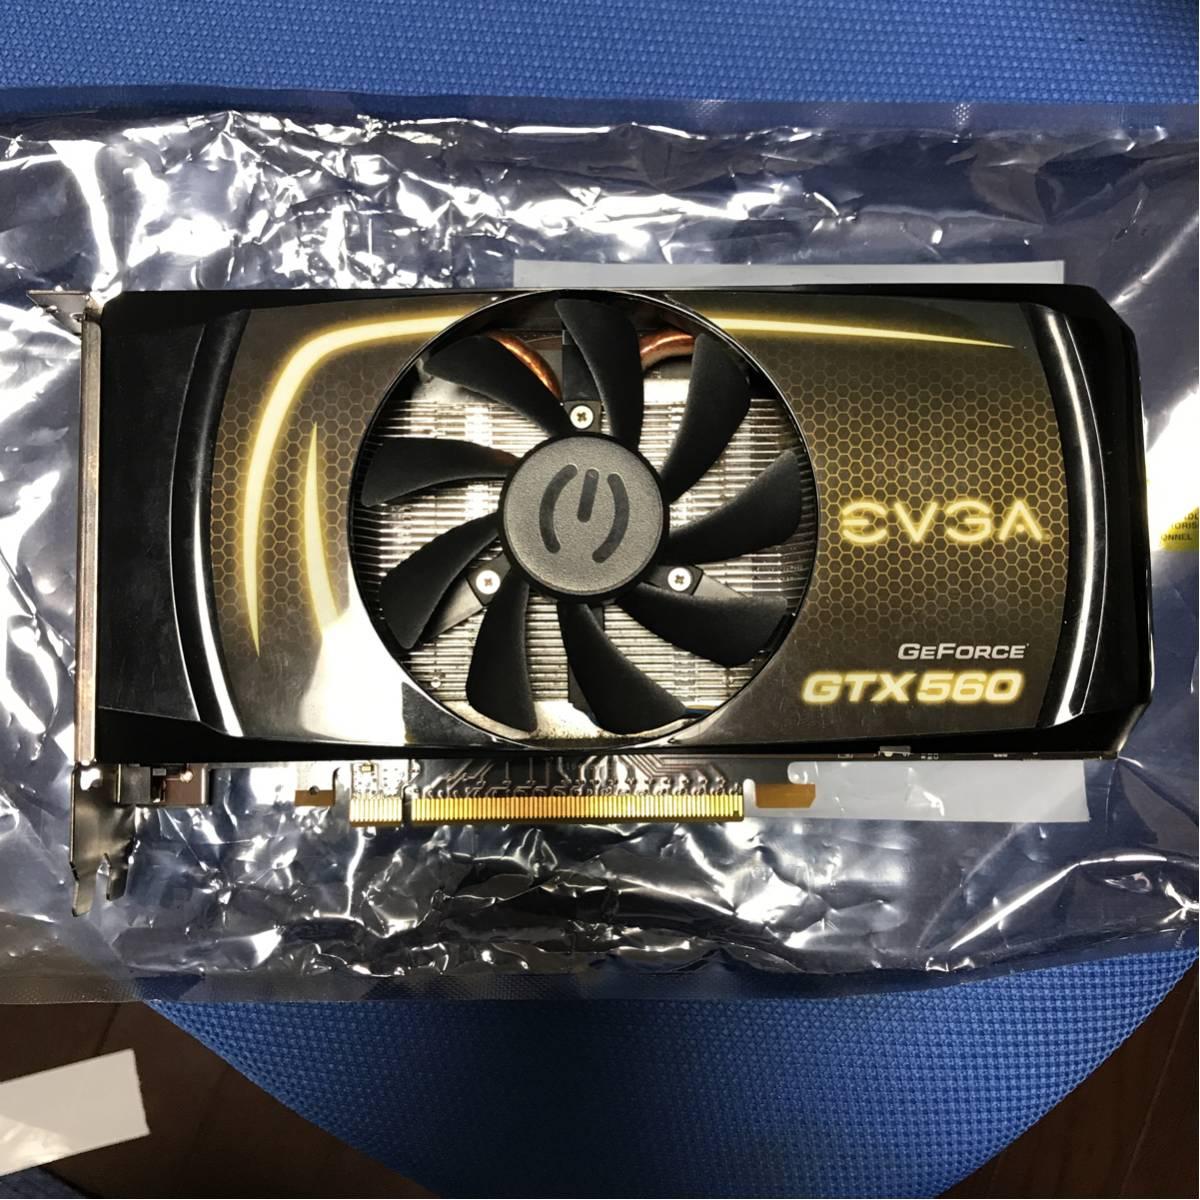 EVGA GTX560 1GB